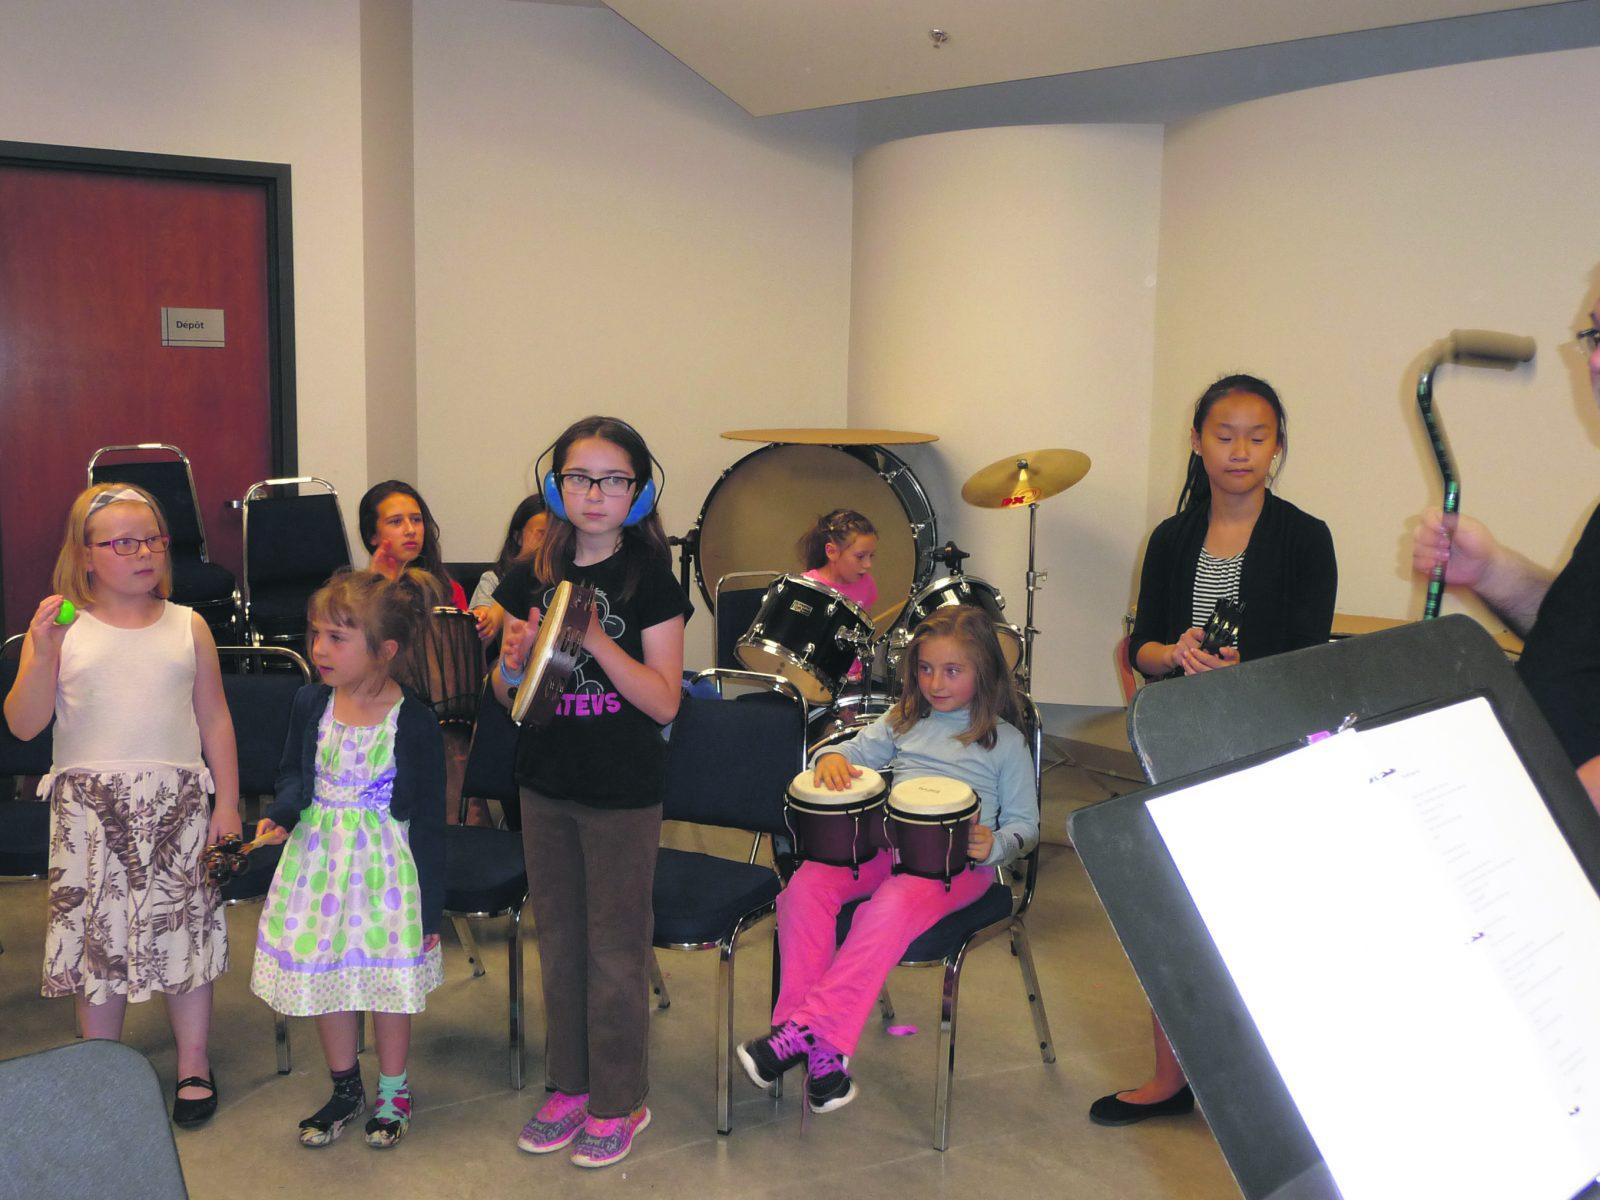 L'École de musique de retour avec son camp estival